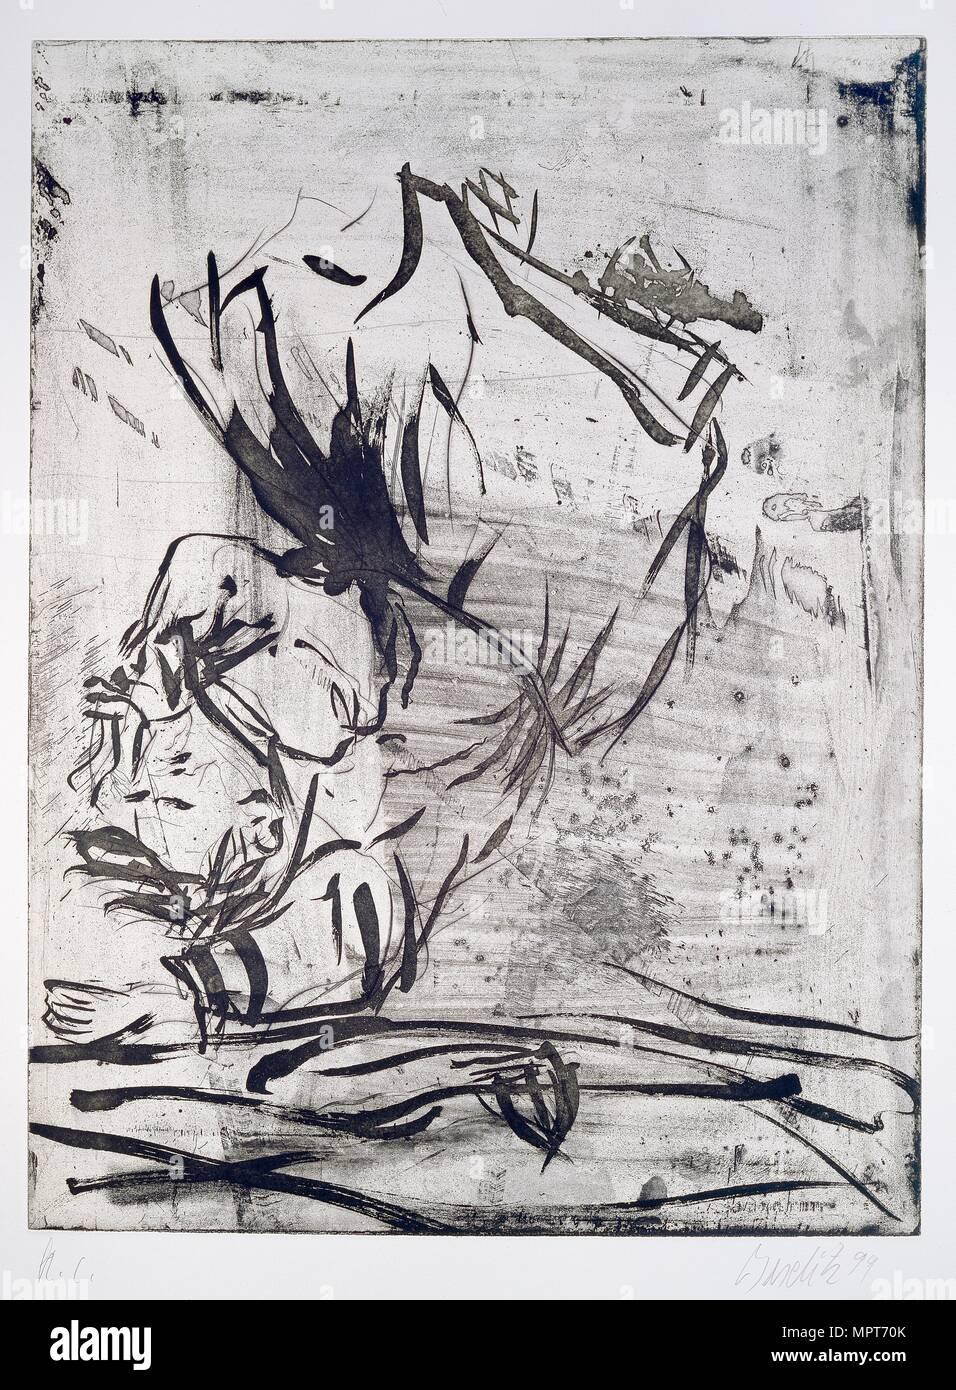 A Fascist flew past-Japanese, 1998-1999. Artists: Georg Baselitz, Sabine Knust, Maximilian Verlag. - Stock Image